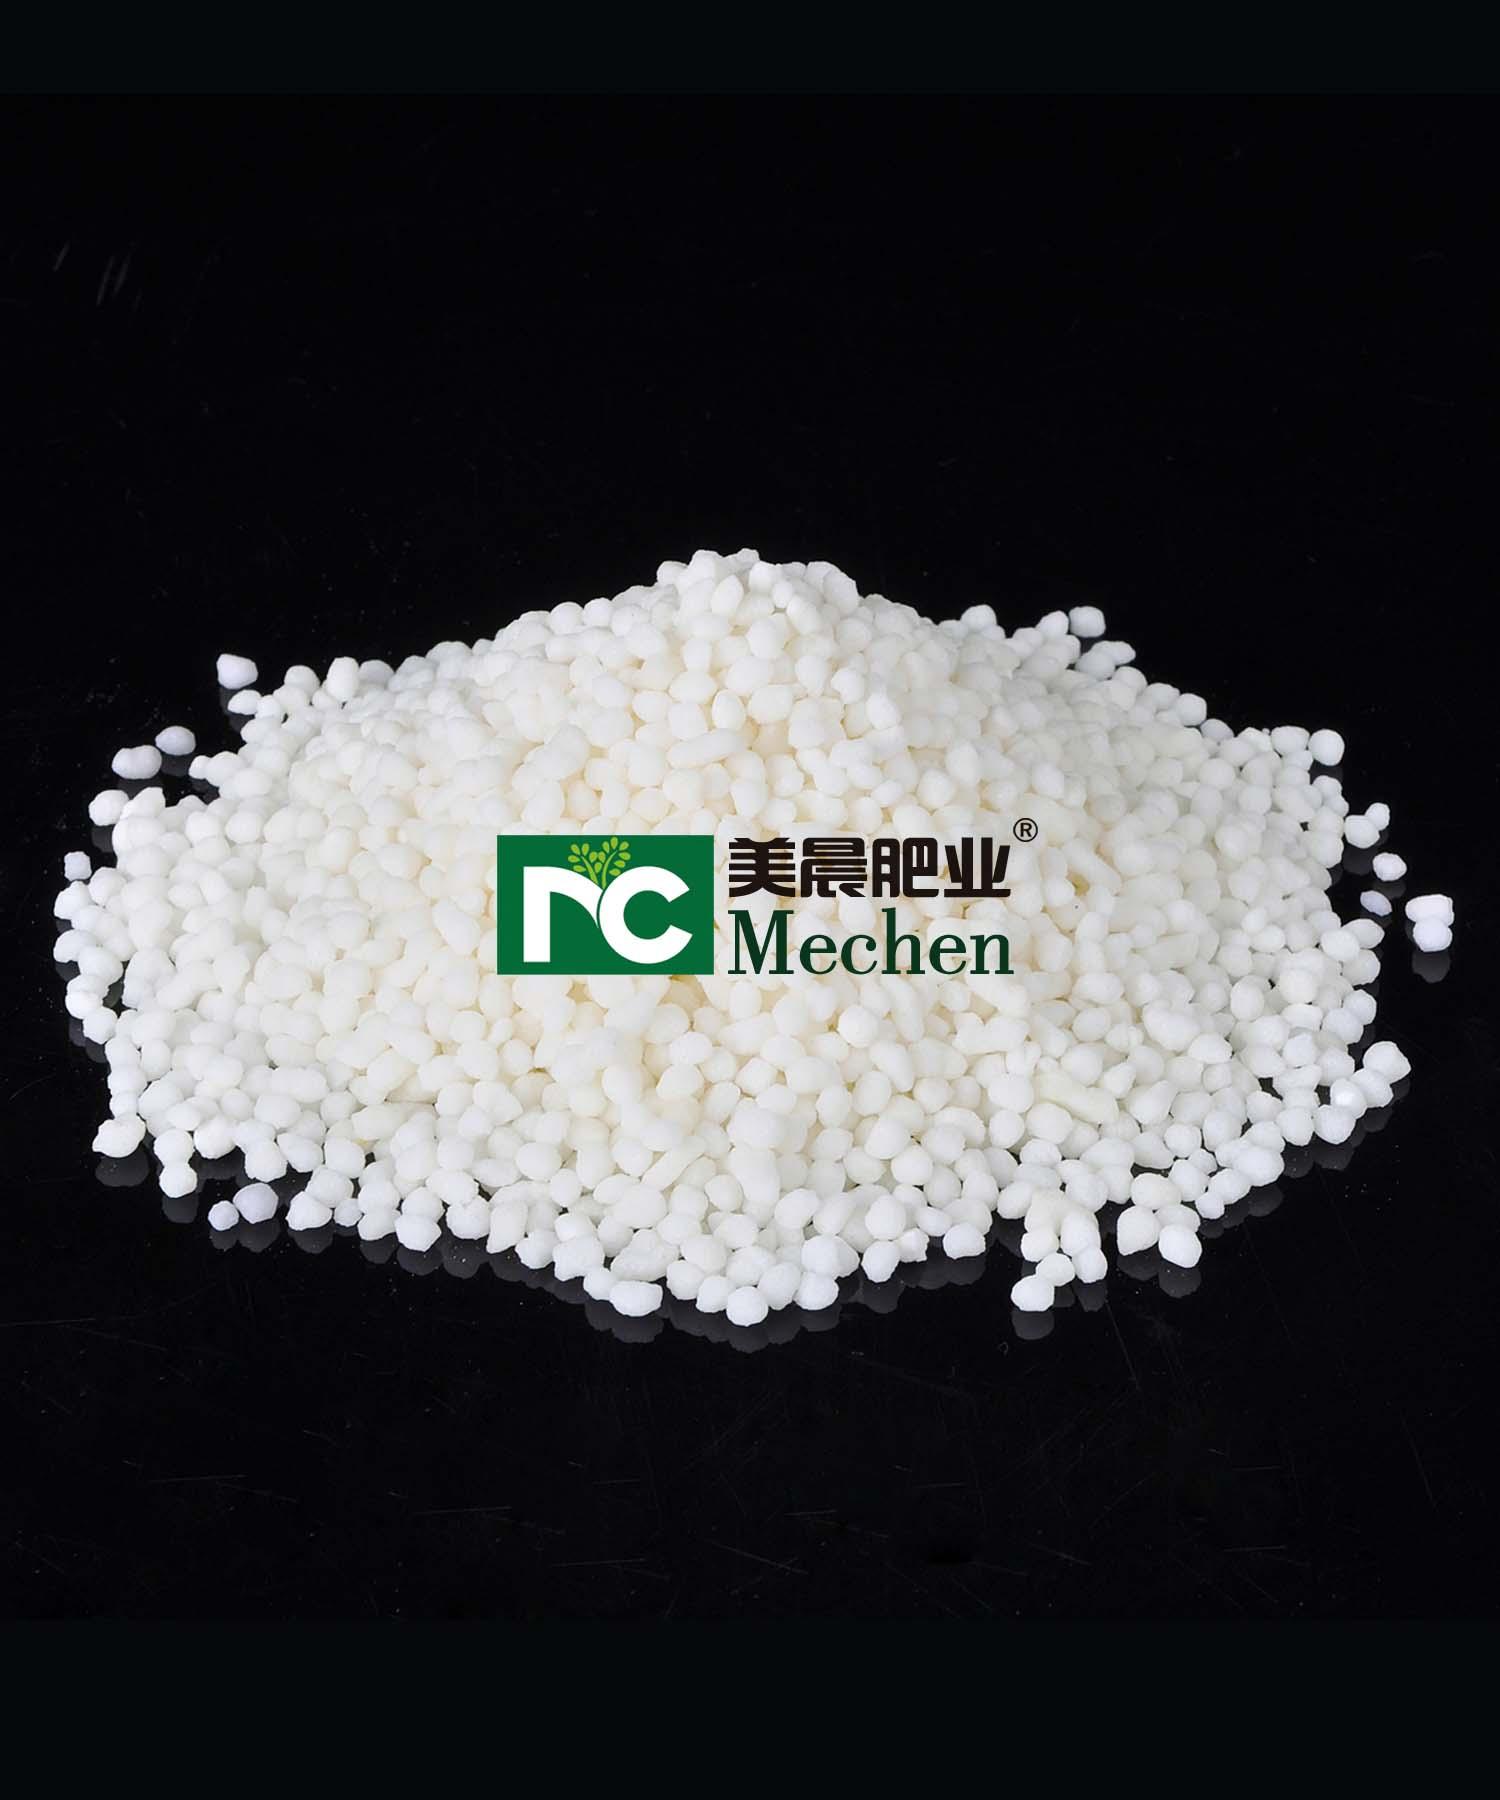 White magnesium sulfate particles